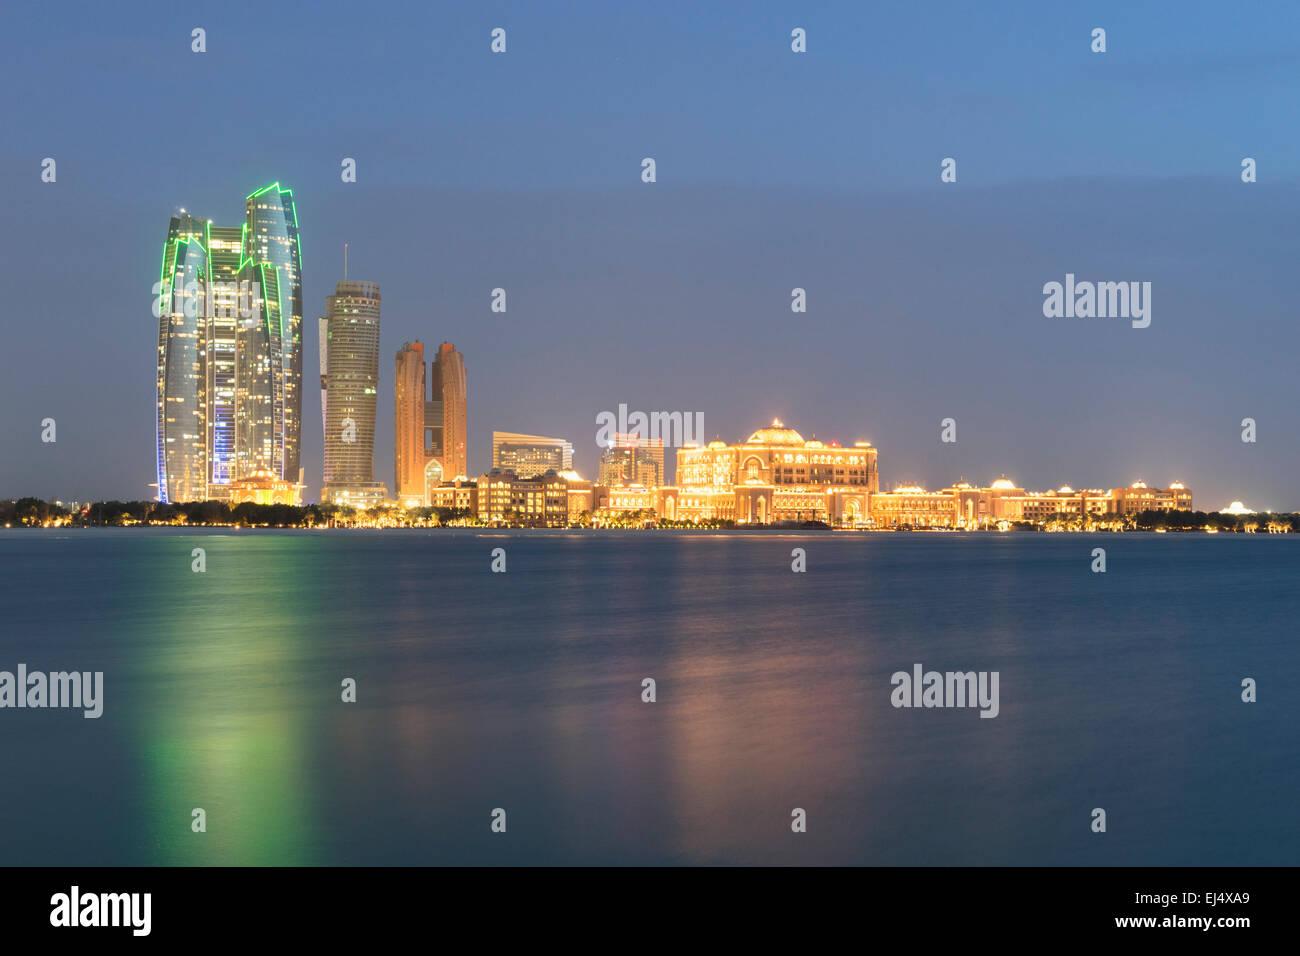 Por la noche el horizonte de Abu Dhabi con Emirates Palace Hotel en Emiratos Arabes Unidos Imagen De Stock